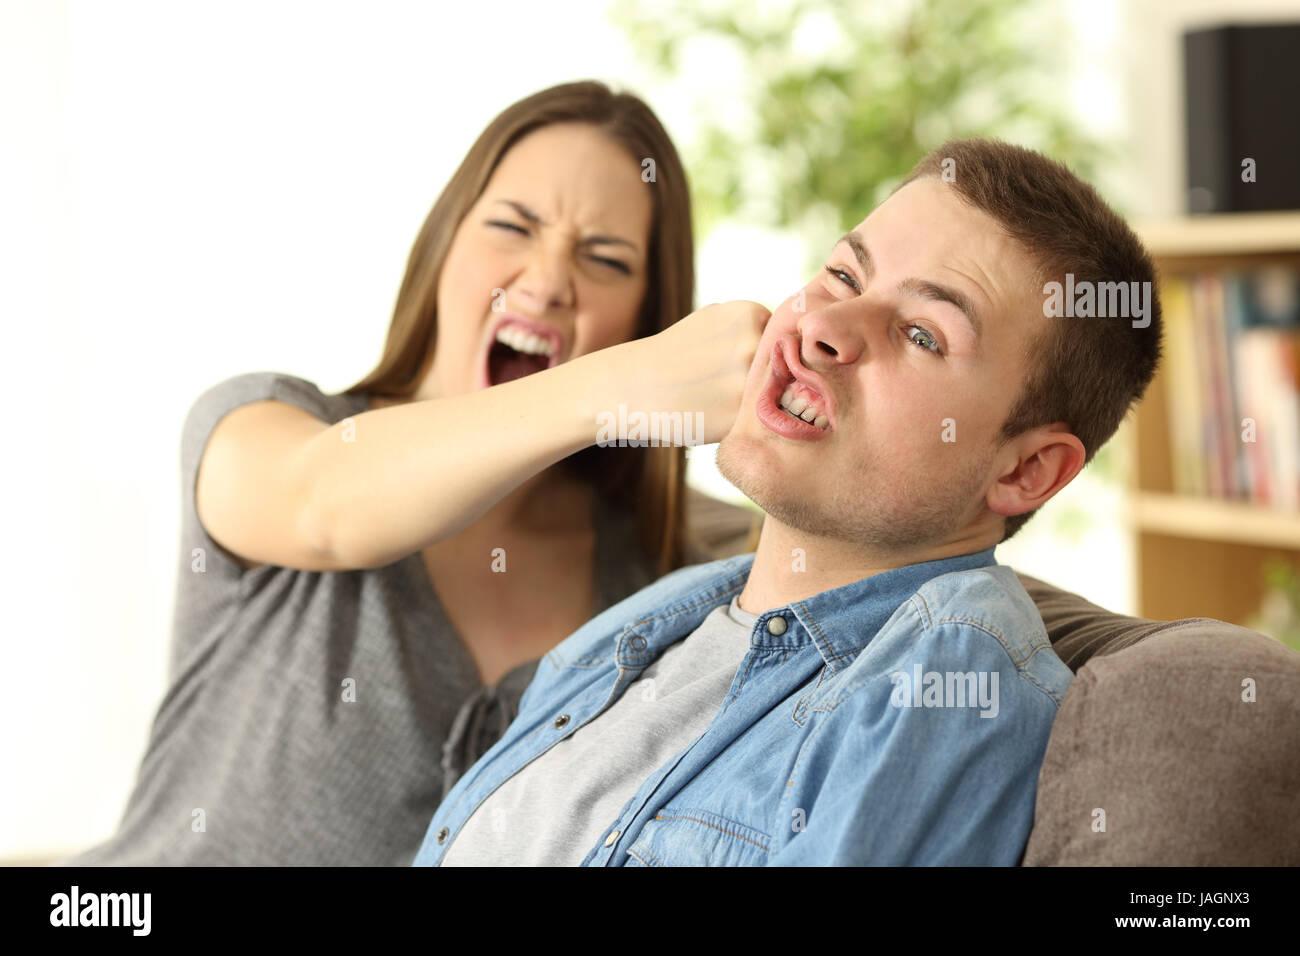 Ladies Wants A Partner Hit